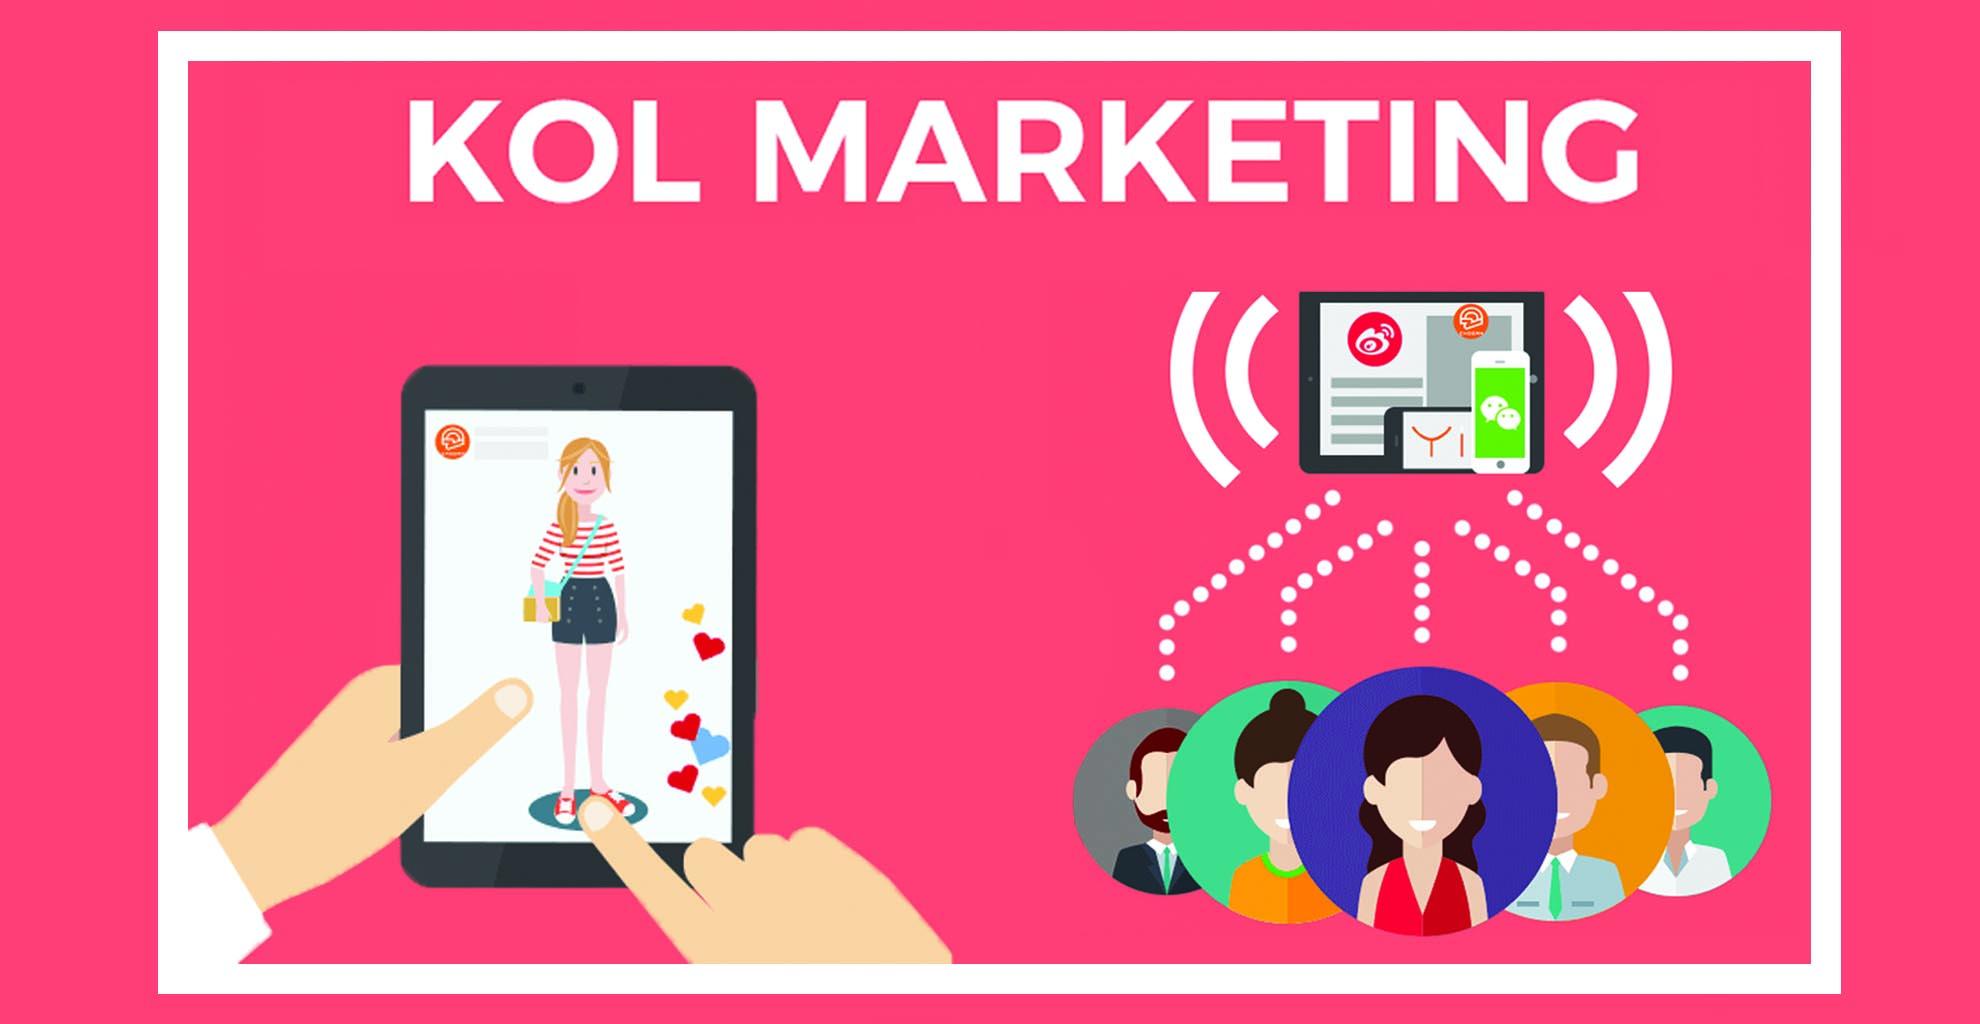 KOL Marketing là gì?